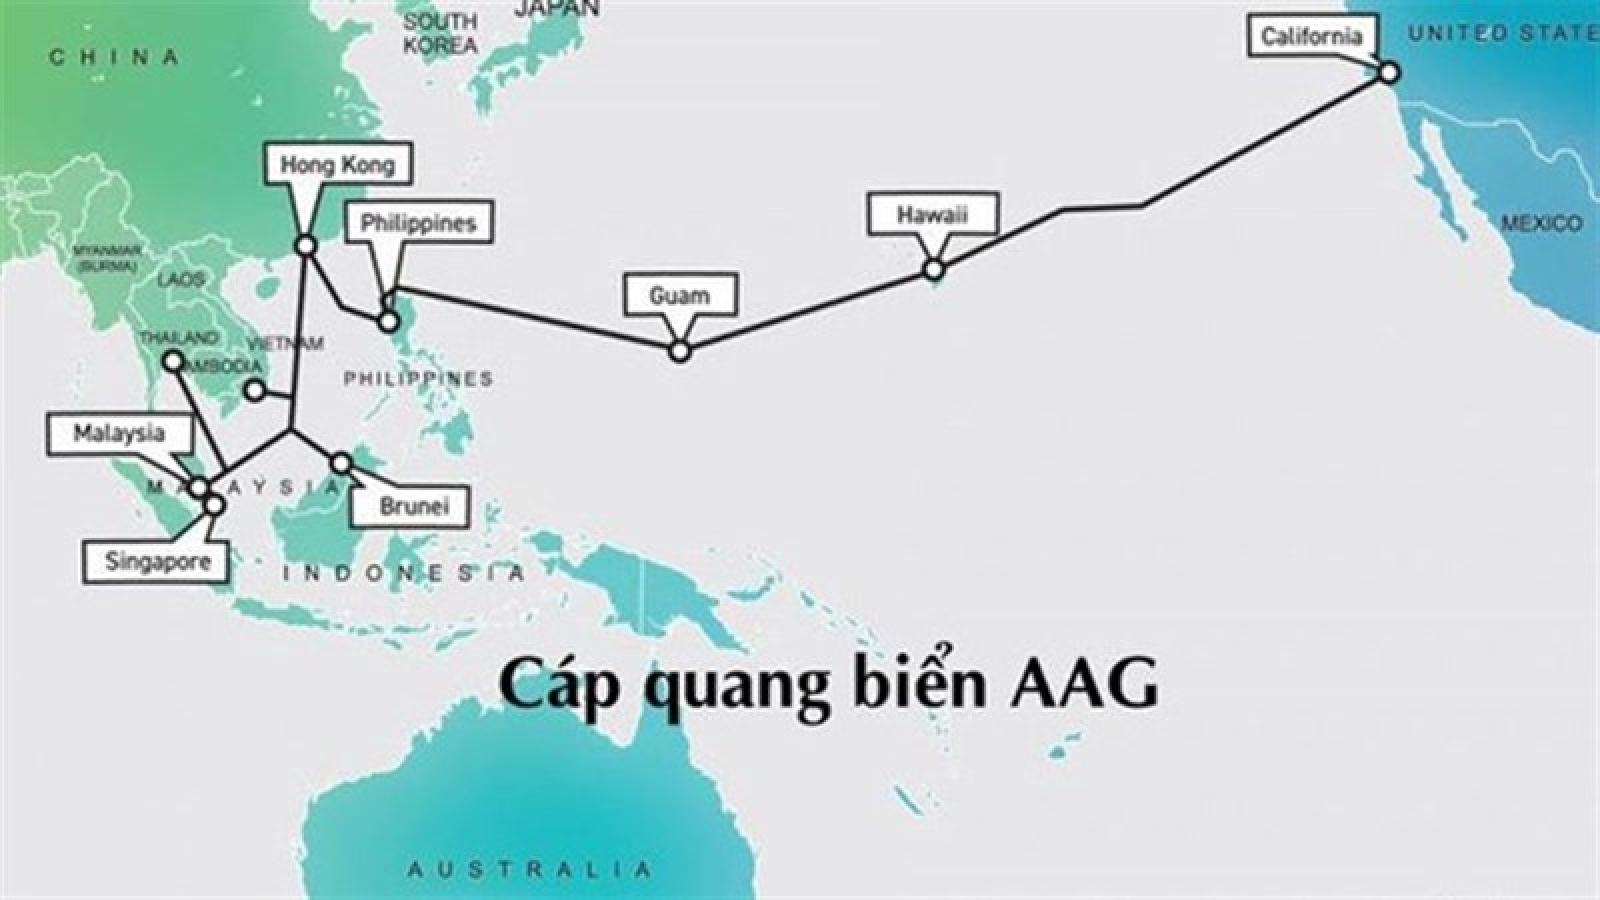 Tuyến cáp quang biển AAG sẽ được sửa xong vào cuối tháng 7